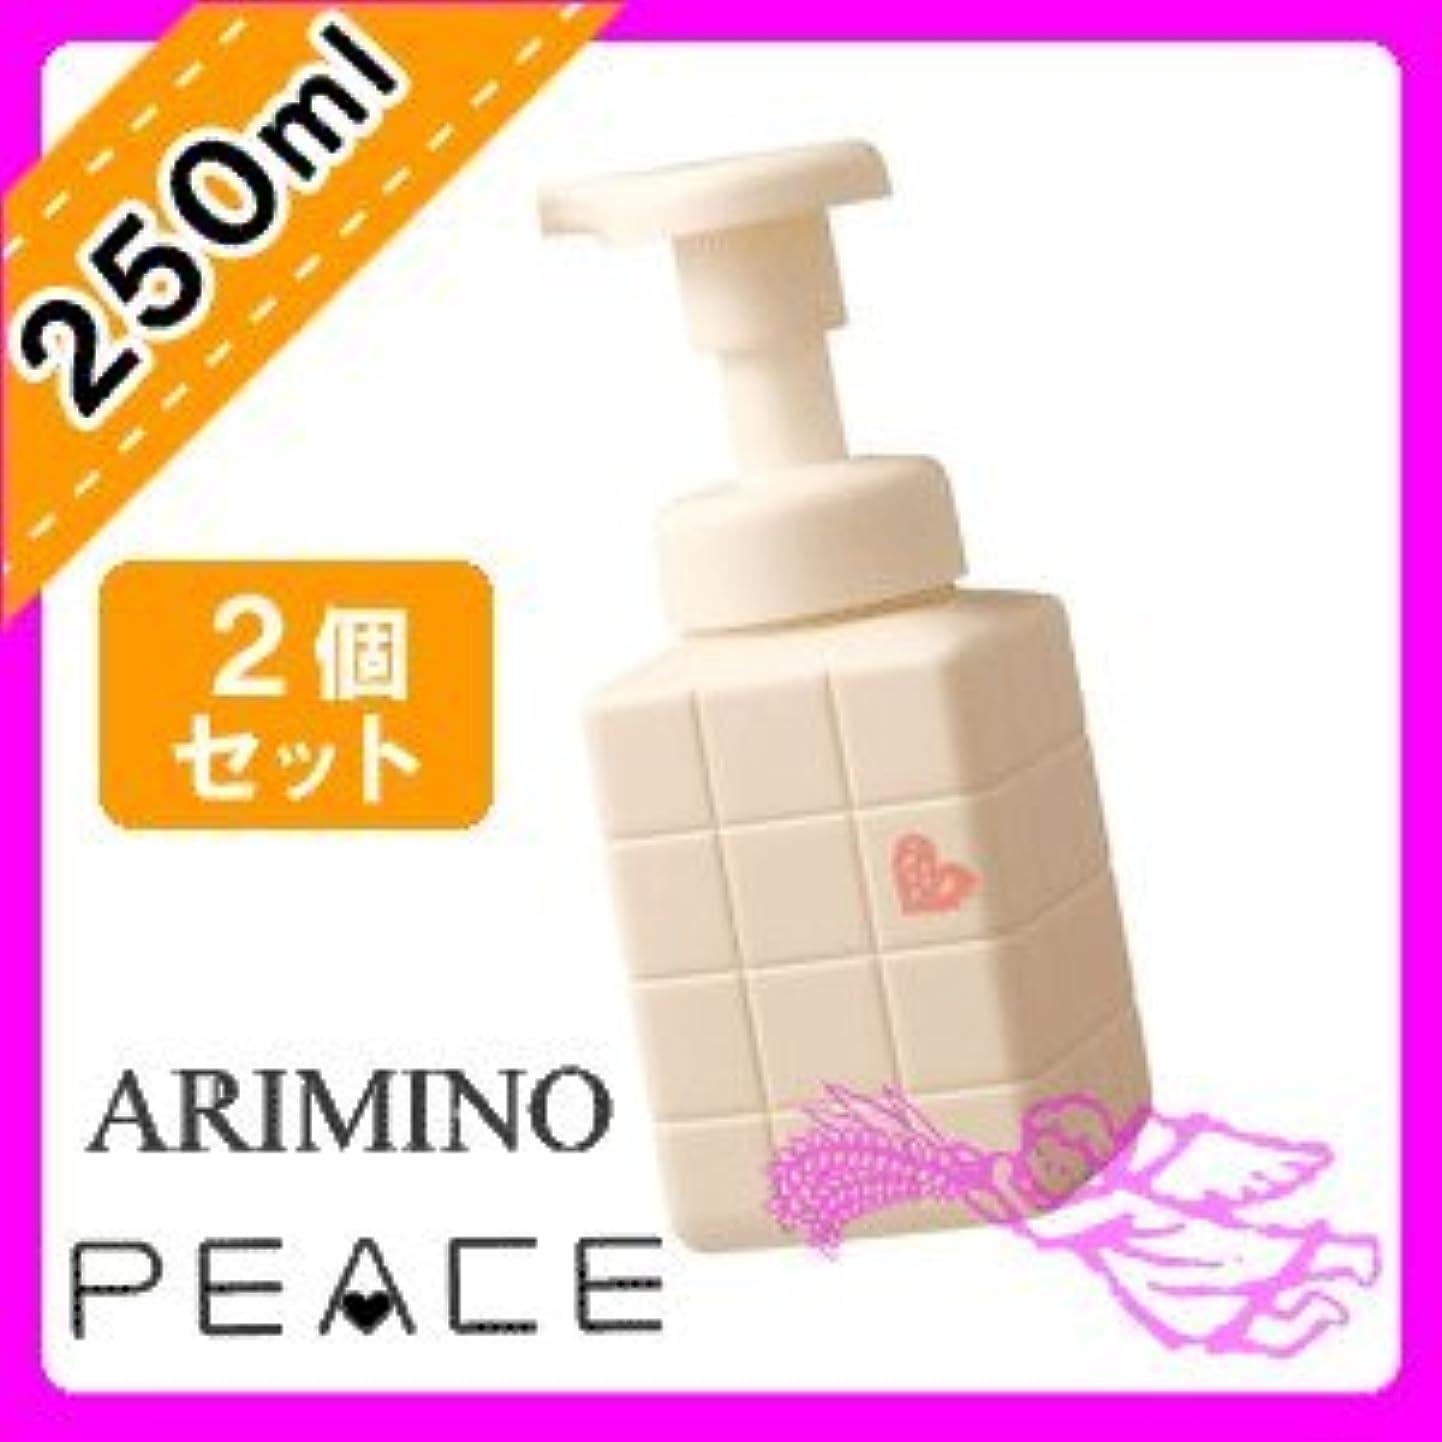 肉の角度アルバニーアリミノ ピース ホイップワックス PEACE ナチュラルウェーブ ホイップ250mL ×2個 セット arimino PEACE